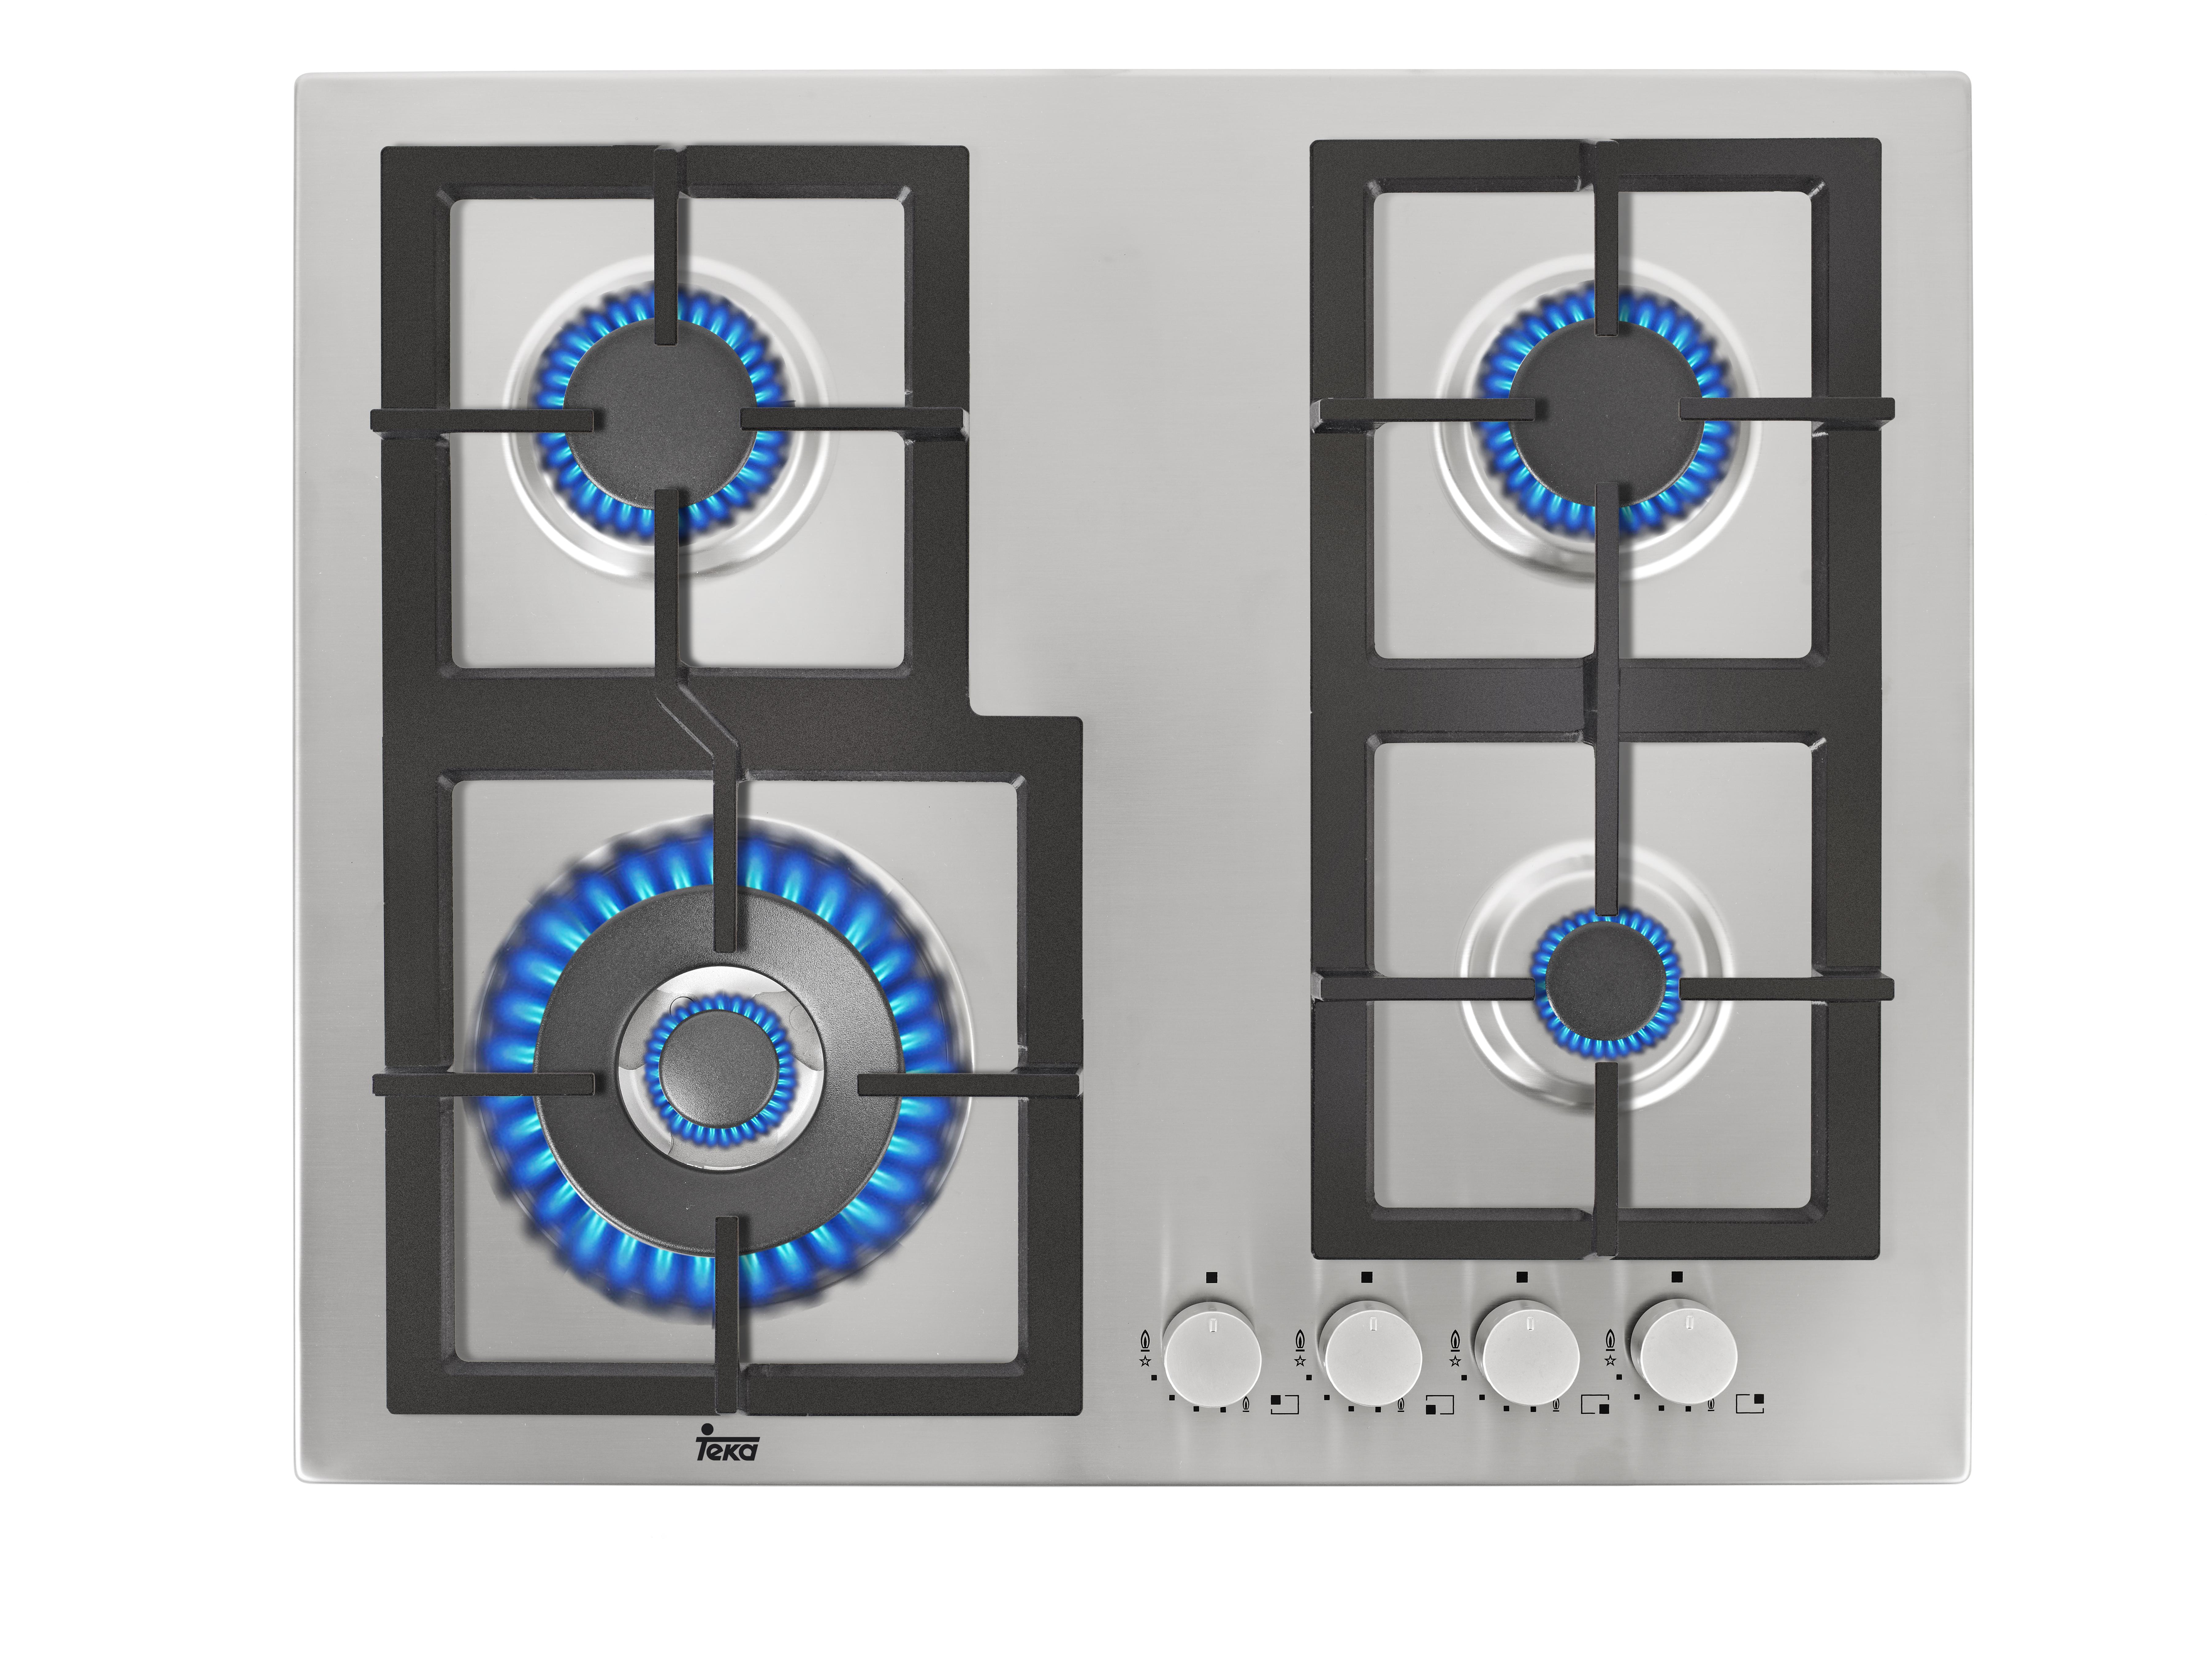 Plita gaz incorporabila Teka EFX 60 4G AI AL DR CI 4 arzatoare gratare fonta inox